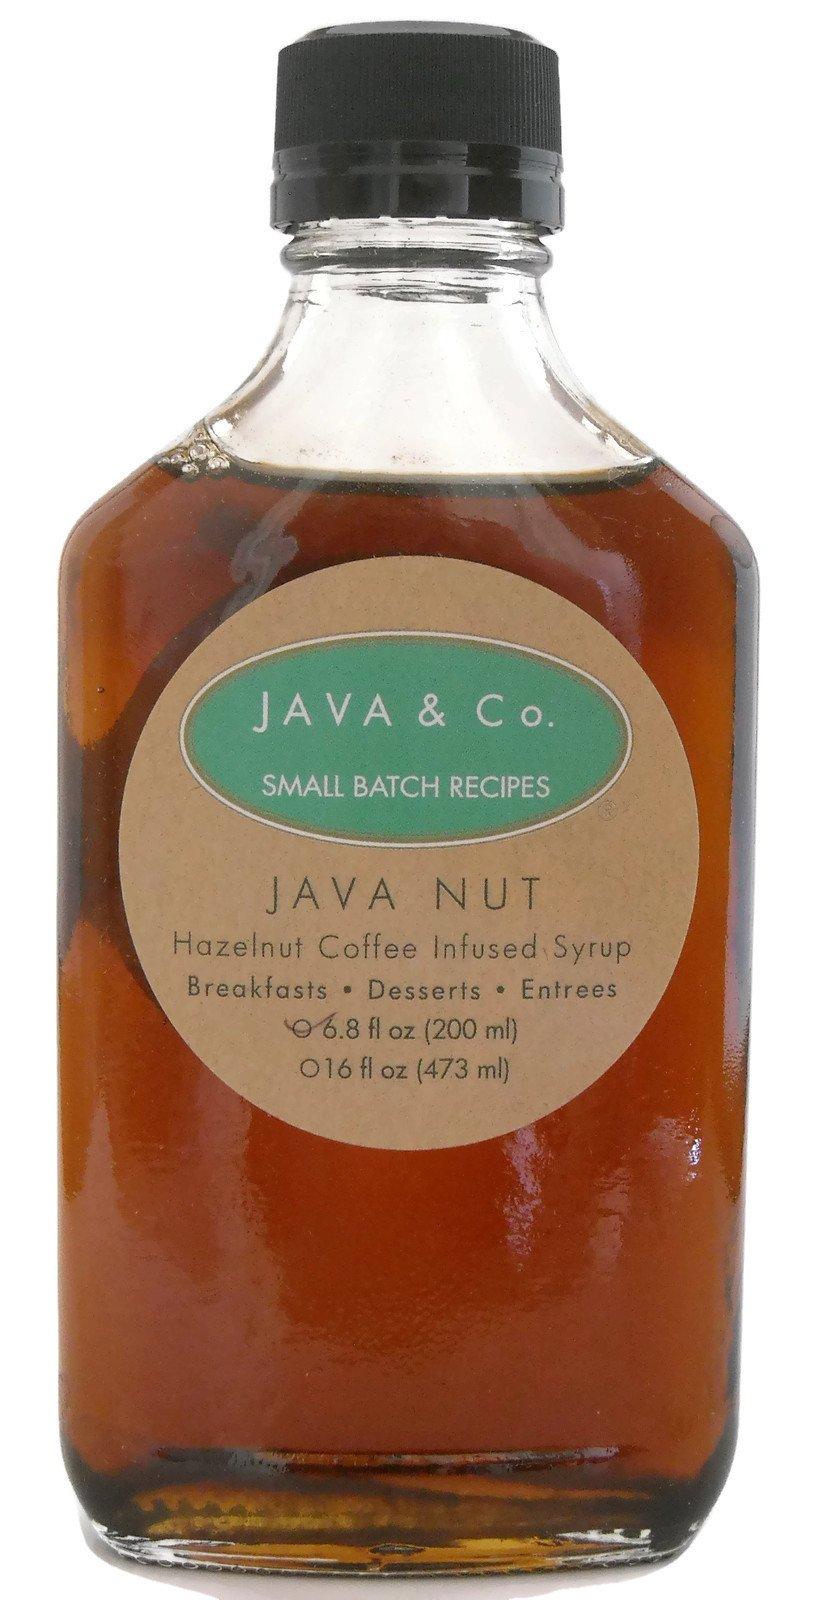 Coffee infused Syrup, JAVA Nut (hazelnut), 6.8 oz